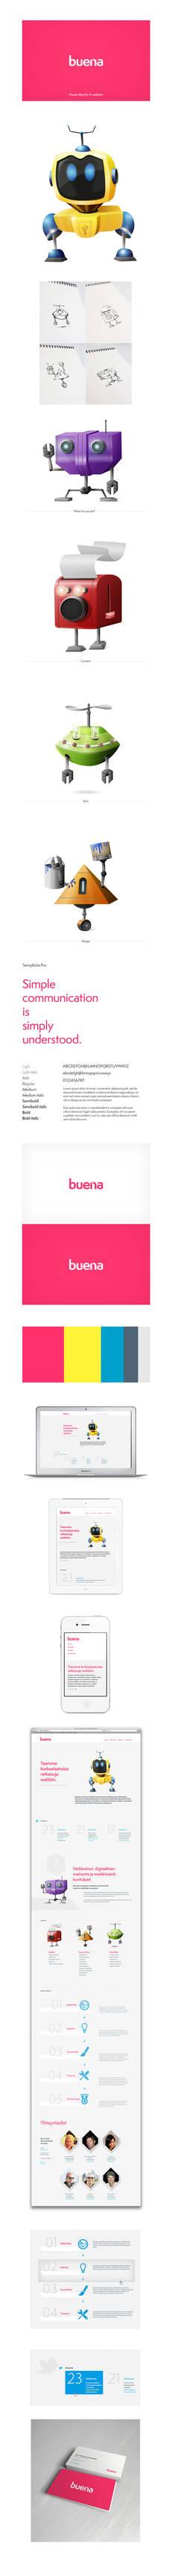 Buena - Visual Identity and Web Design